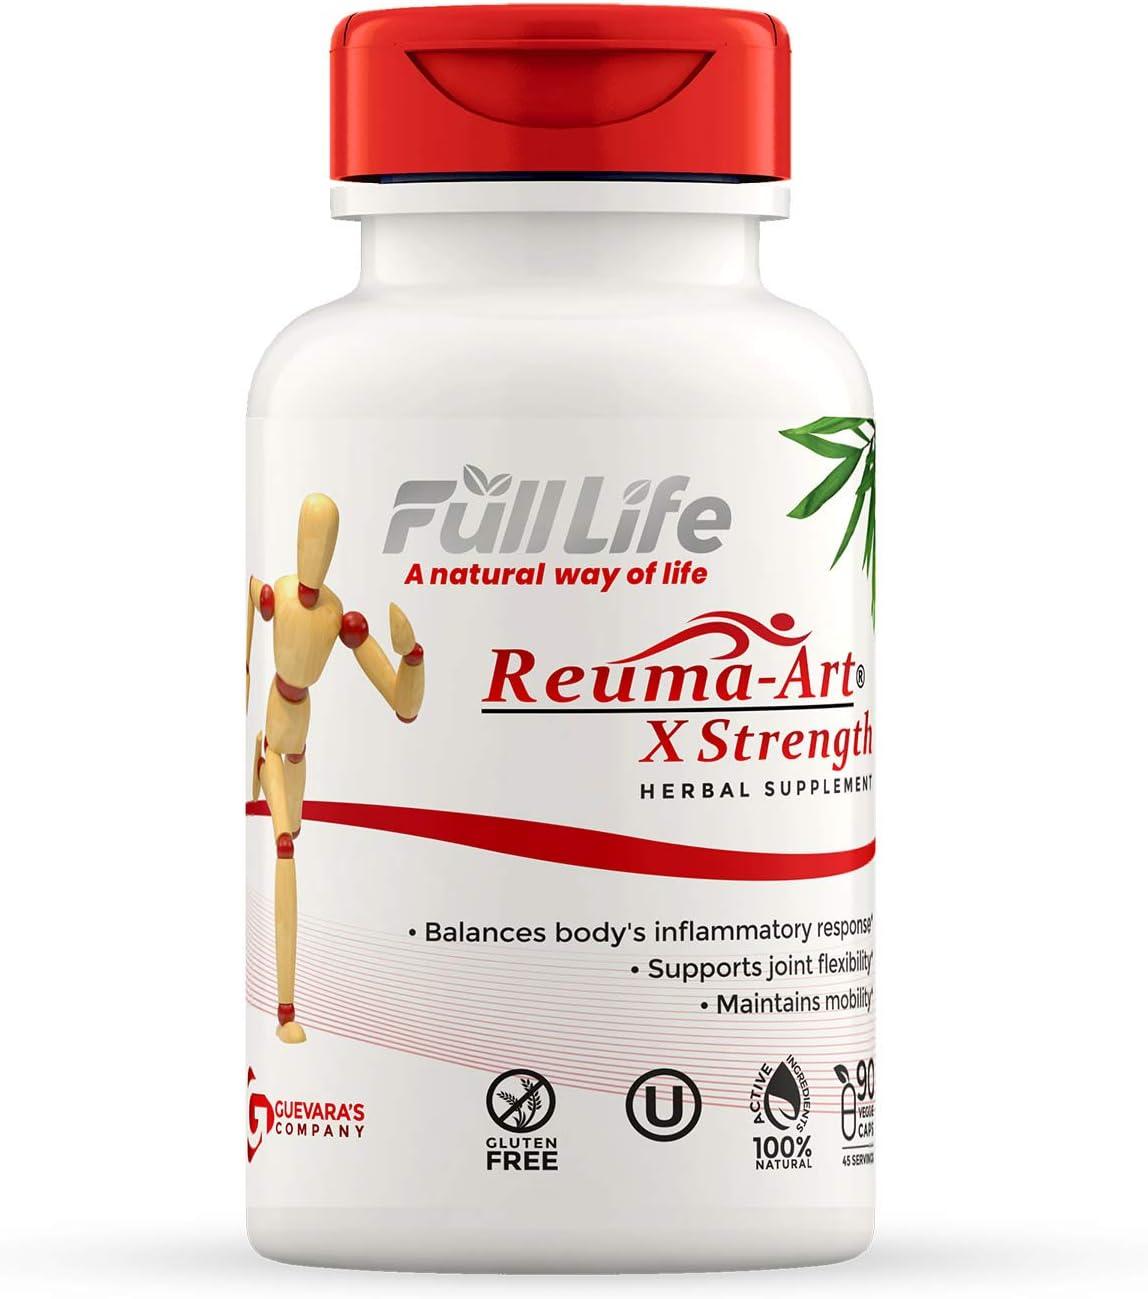 Pharmax Selenorg Reuma tabletta - 60db: vásárlás, hatóanyagok, leírás - ProVitamin webáruház